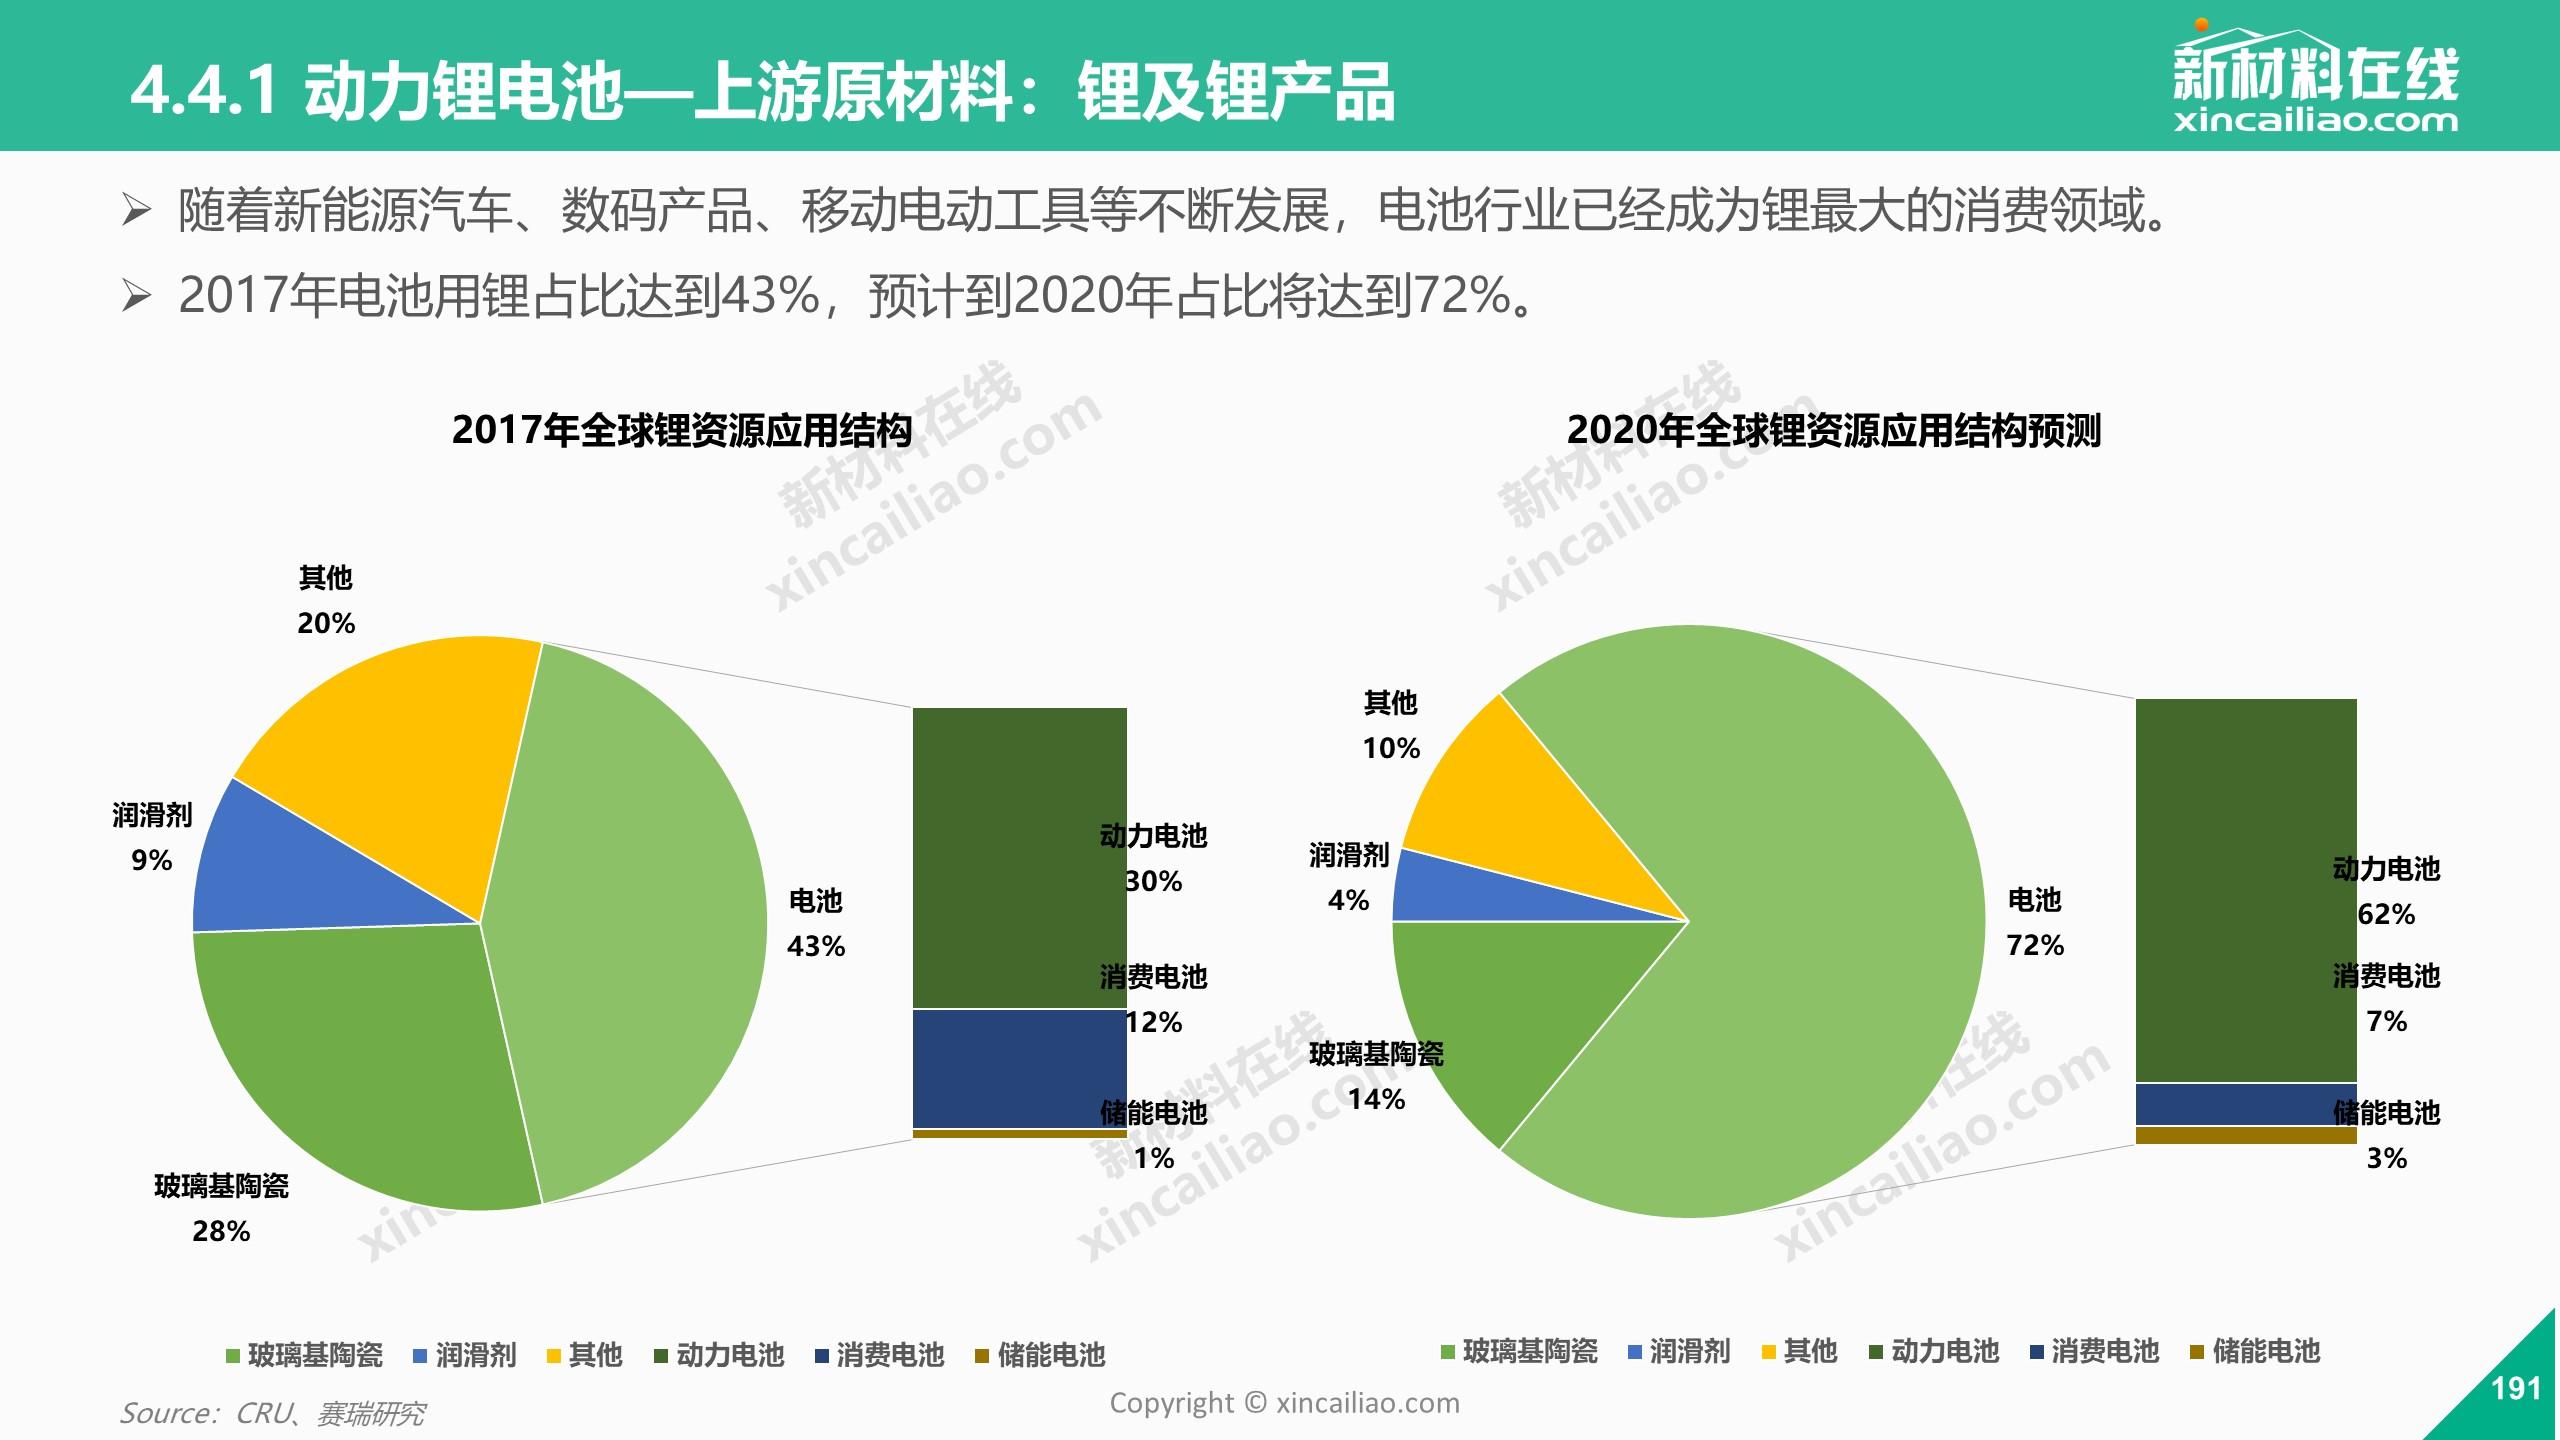 欧洲,日韩,中国)新能源汽车产业发展现状及未来规划,新能源汽车产业链